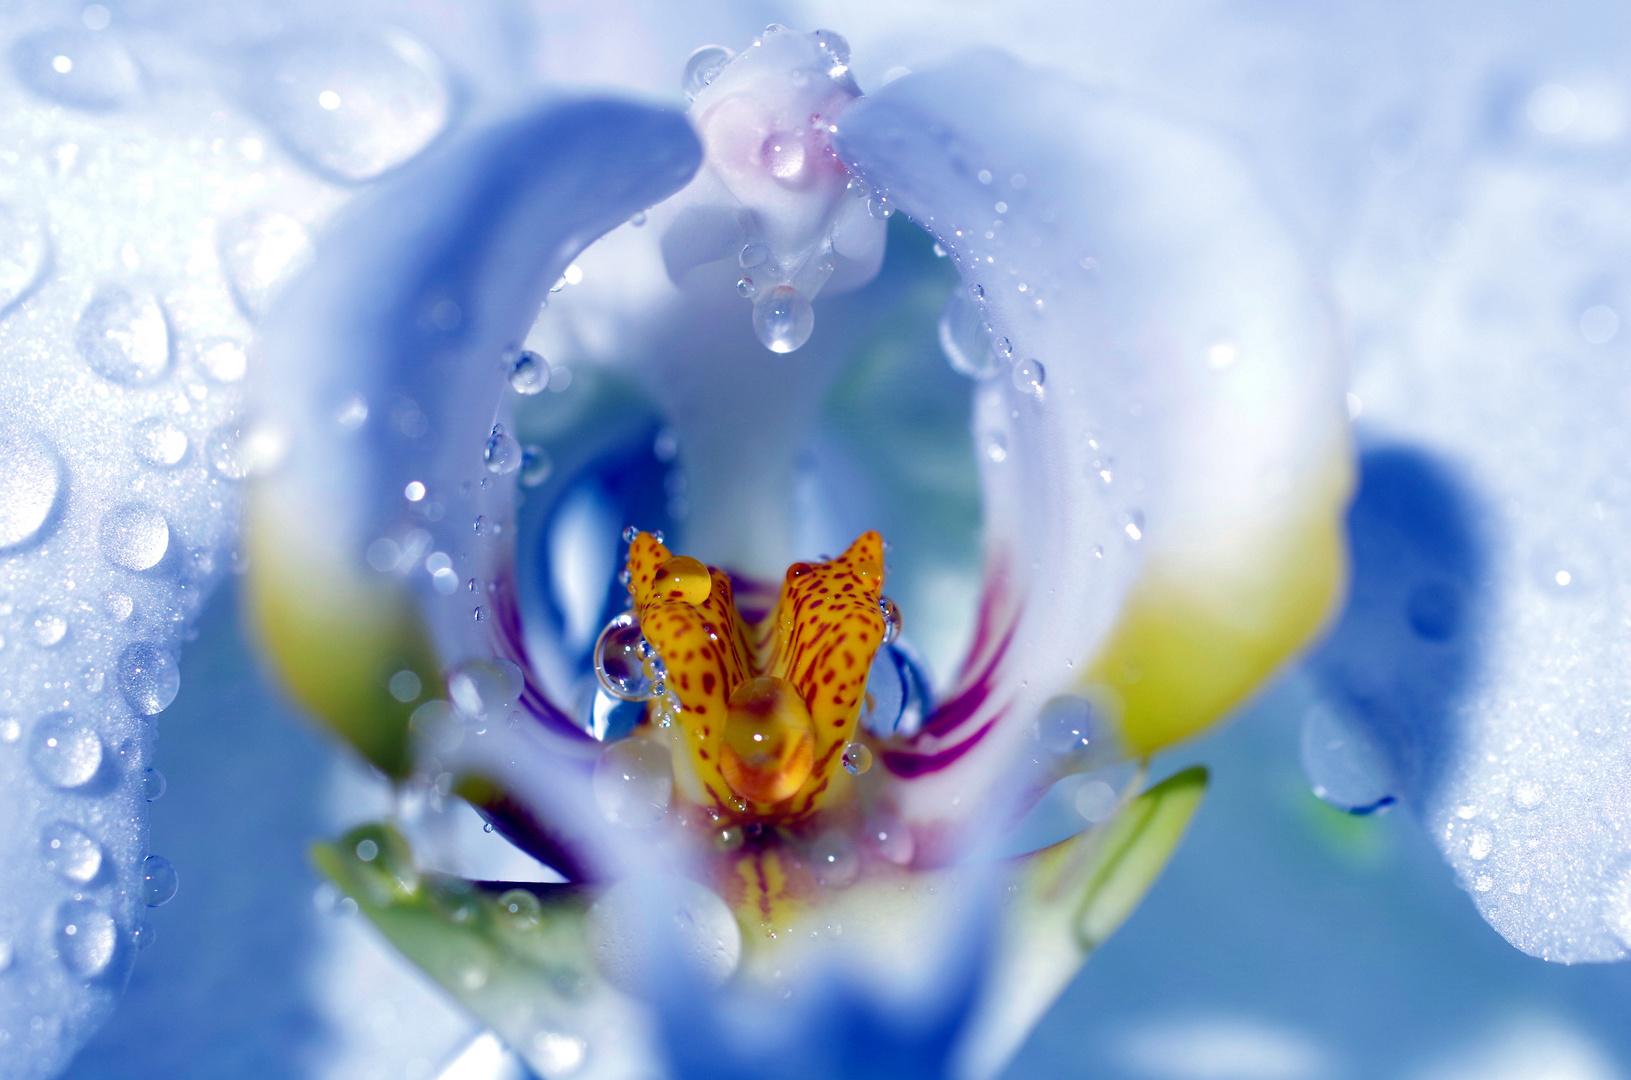 orchideen foto bild sonstiges naturkunst gestalten mit blumen bilder auf fotocommunity. Black Bedroom Furniture Sets. Home Design Ideas